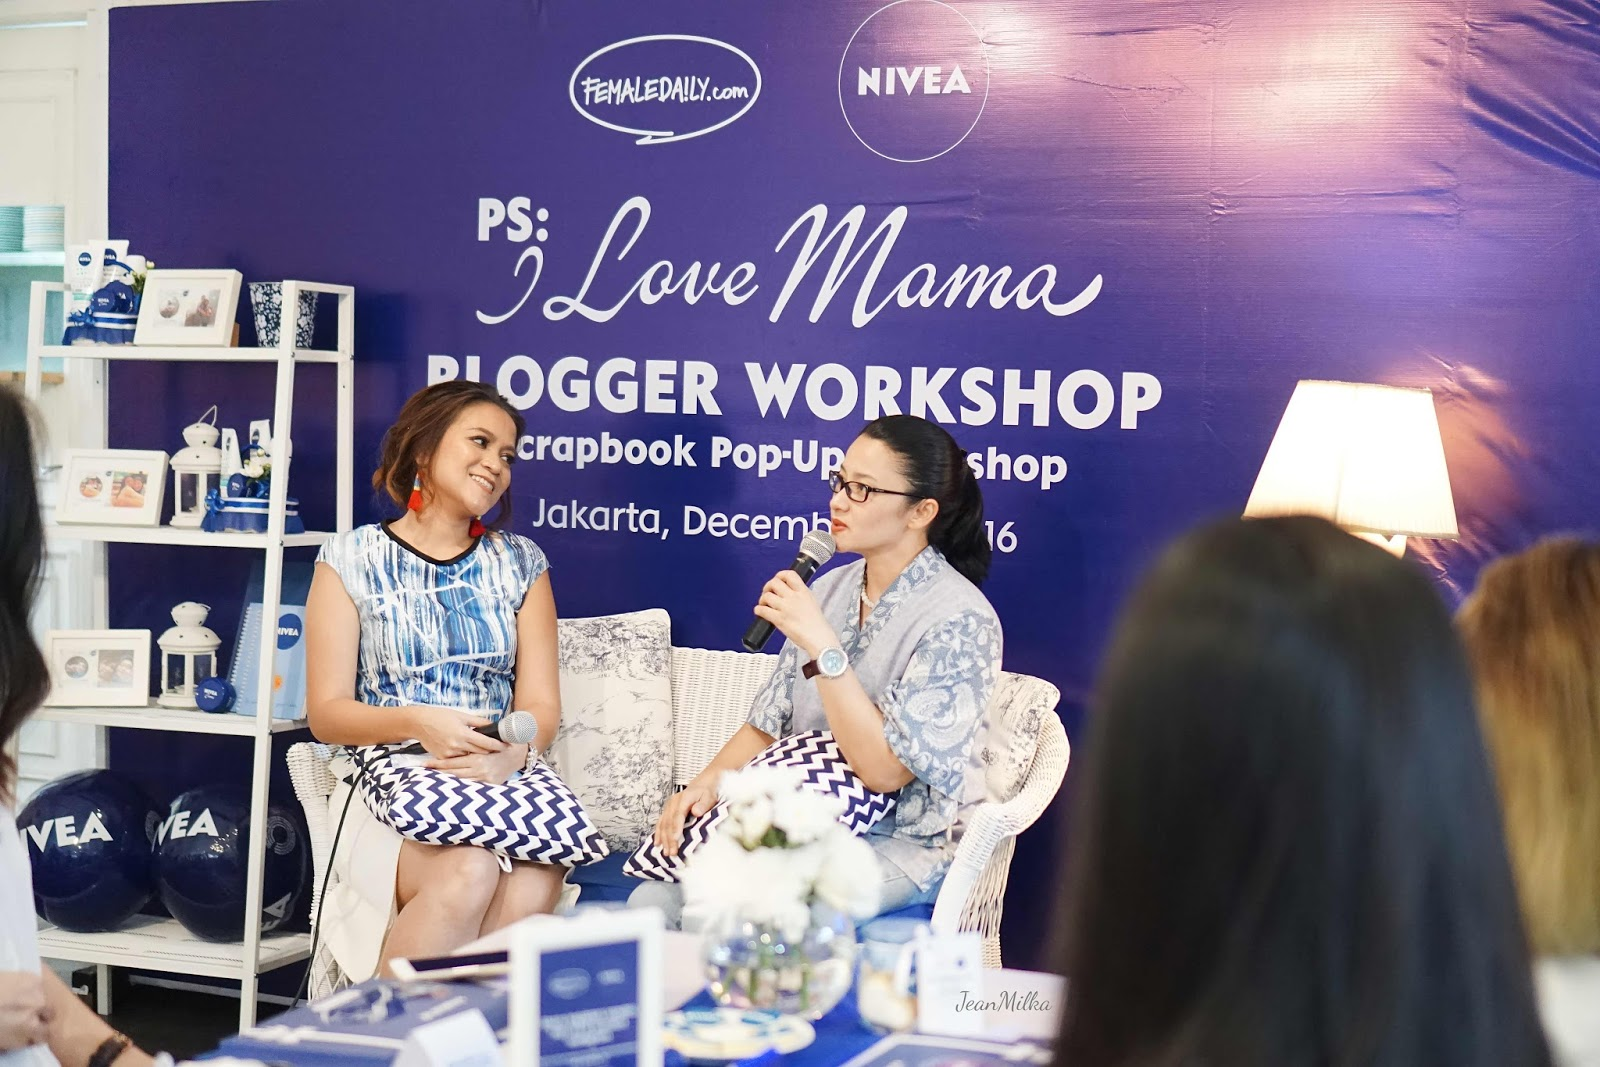 hadiah hari ibu, nivea, nivea indonesia, hari ibu, mother's day, mother day, hari ibu, hadiah, hadiah ibu, hadiah untuk mama, nivea creme, blogger, blogger gathering